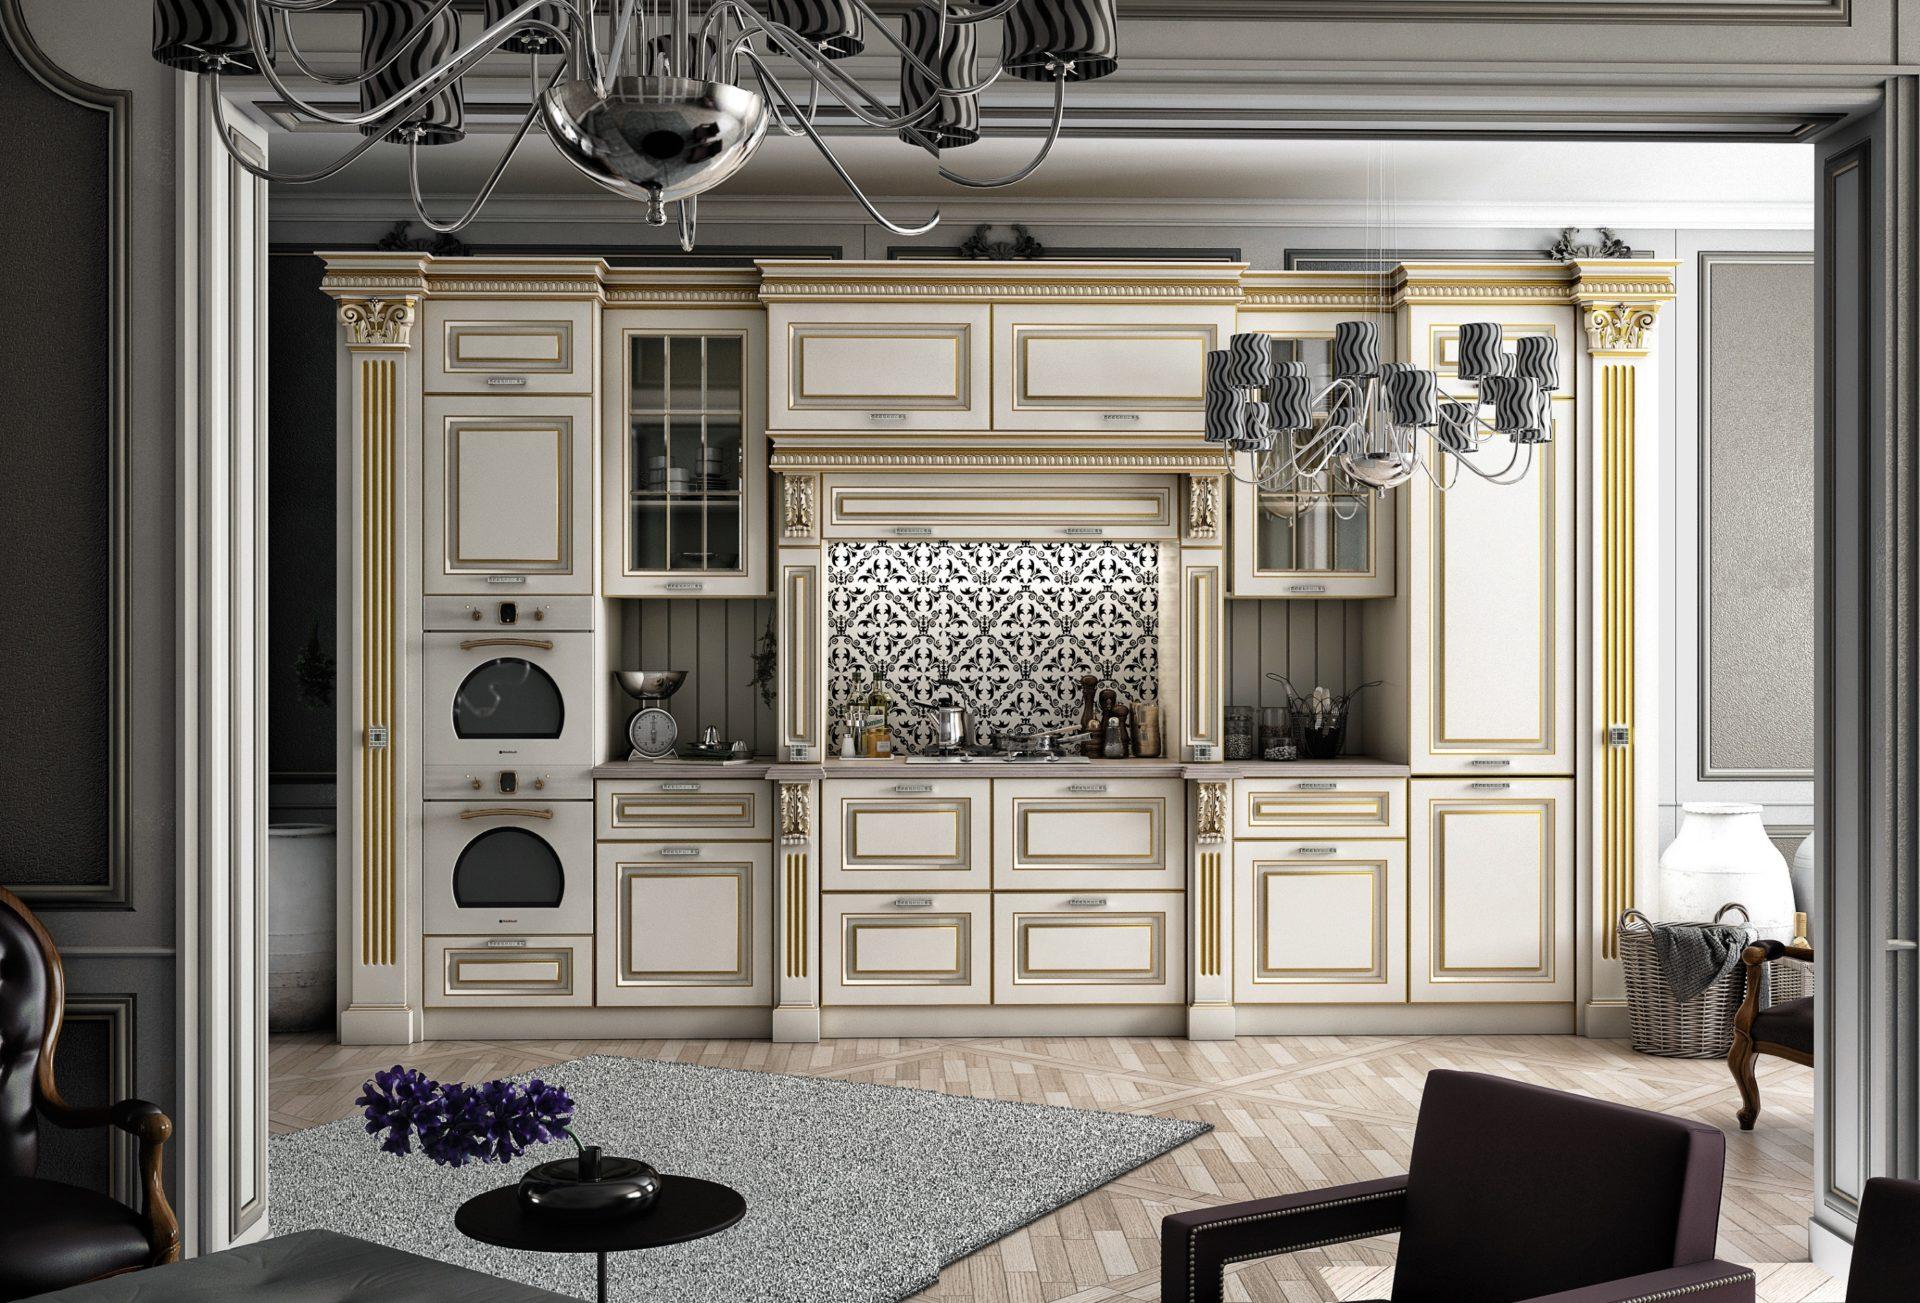 кухня классика светлая с патиной фото интерьер